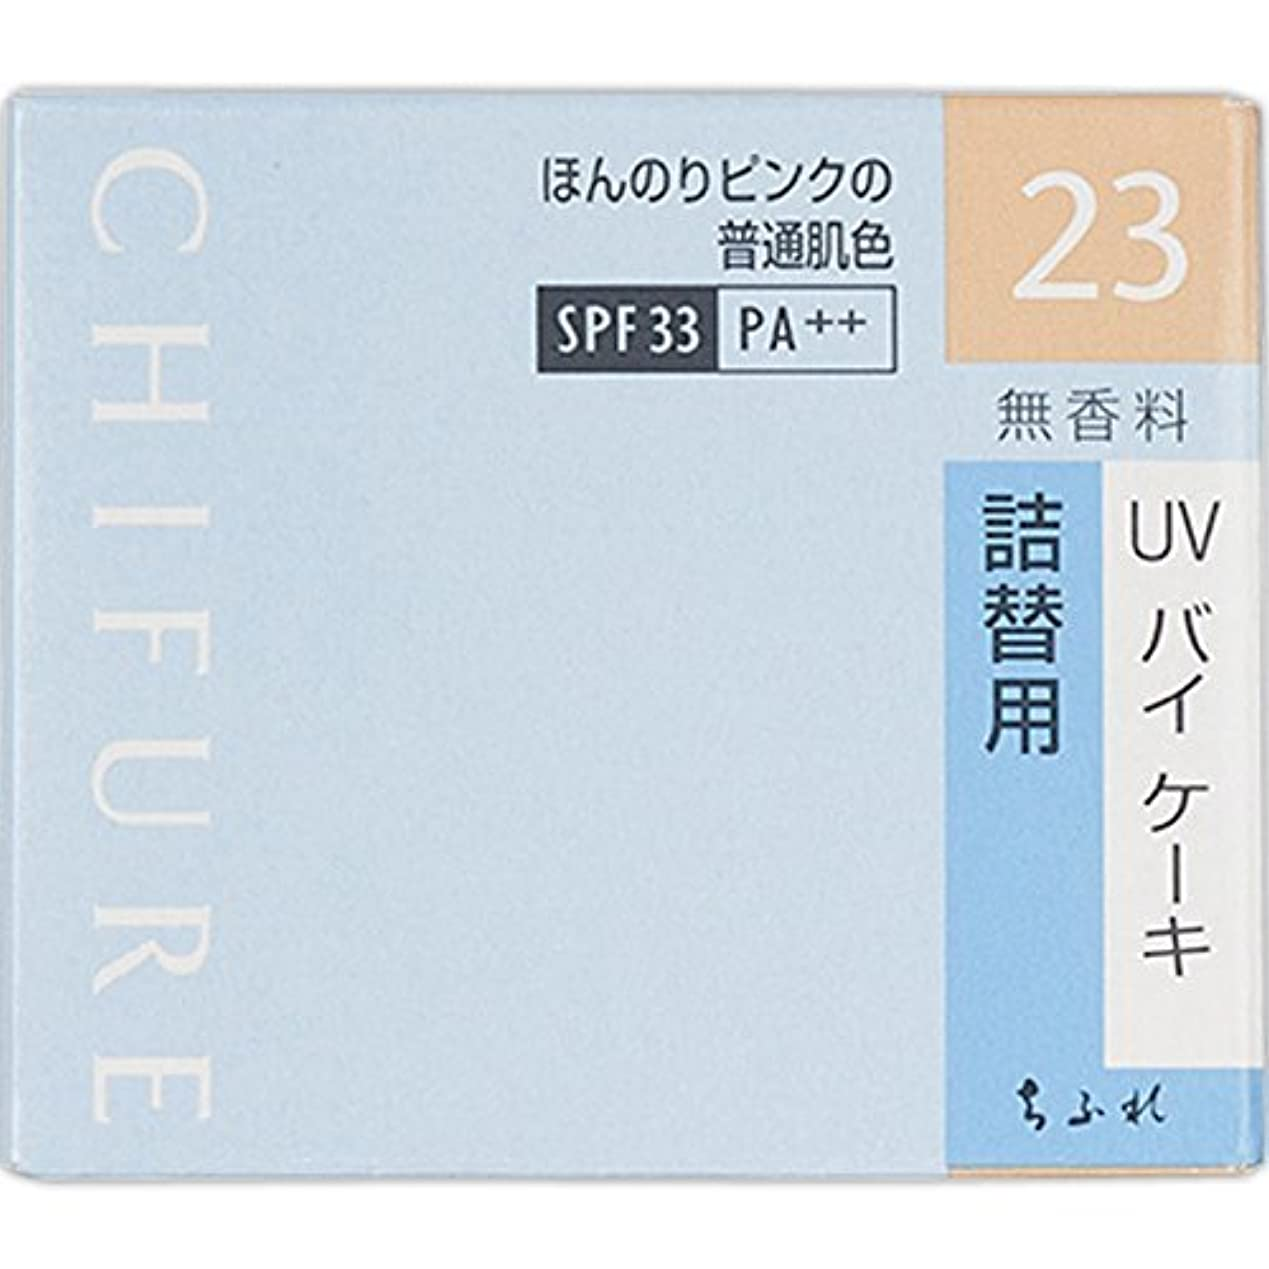 ちふれ化粧品 UV バイ ケーキ 詰替用 23 ほんのりピンク普通肌色 14g